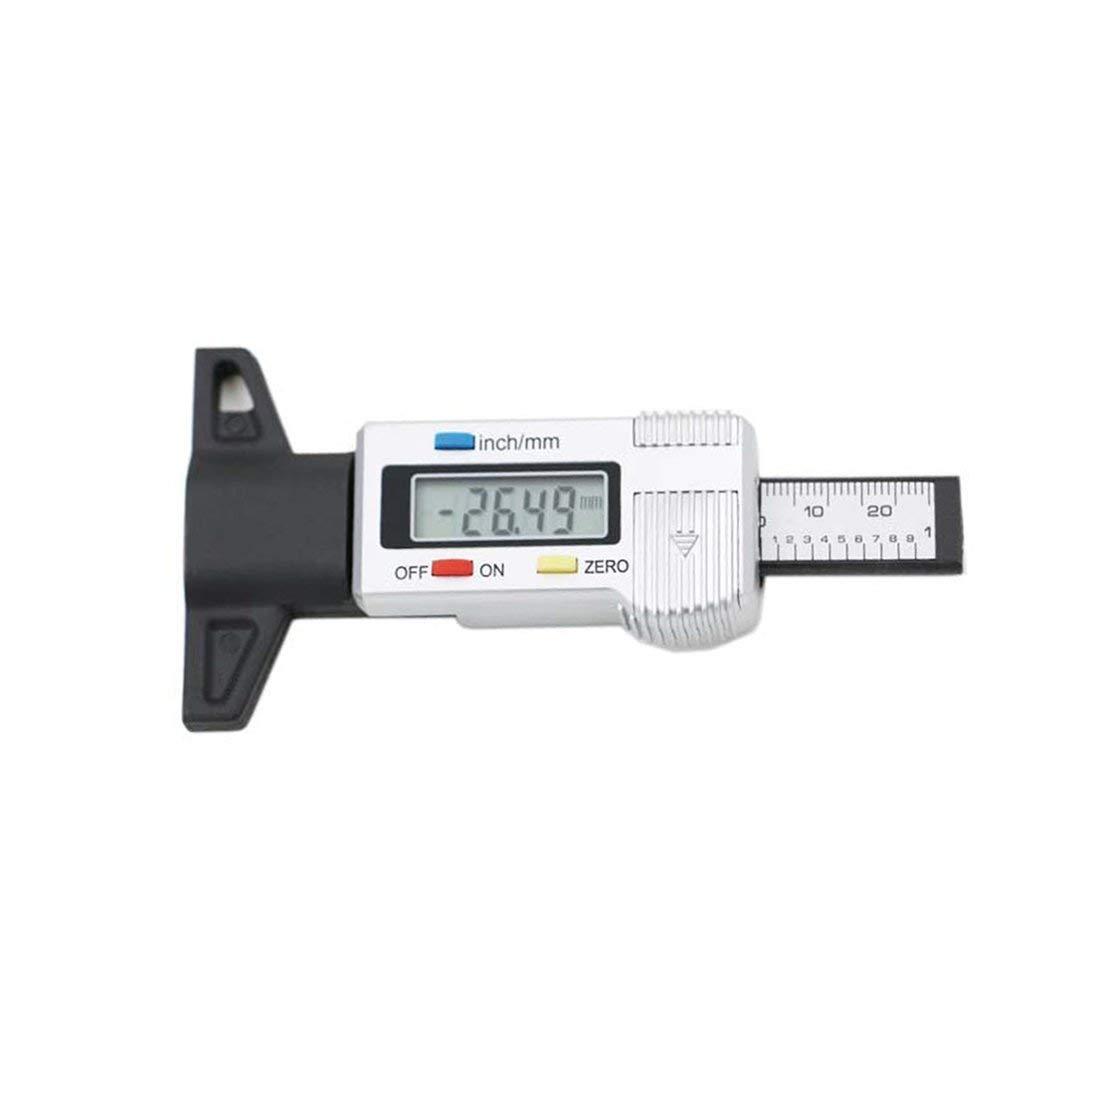 Alta precisione 1.14 pollici display LCD digitale misuratore di pressione dei pneumatici misuratore di profondità del battistrada monitor di pressione dei pneumatici per auto - nero e argento Formulaone